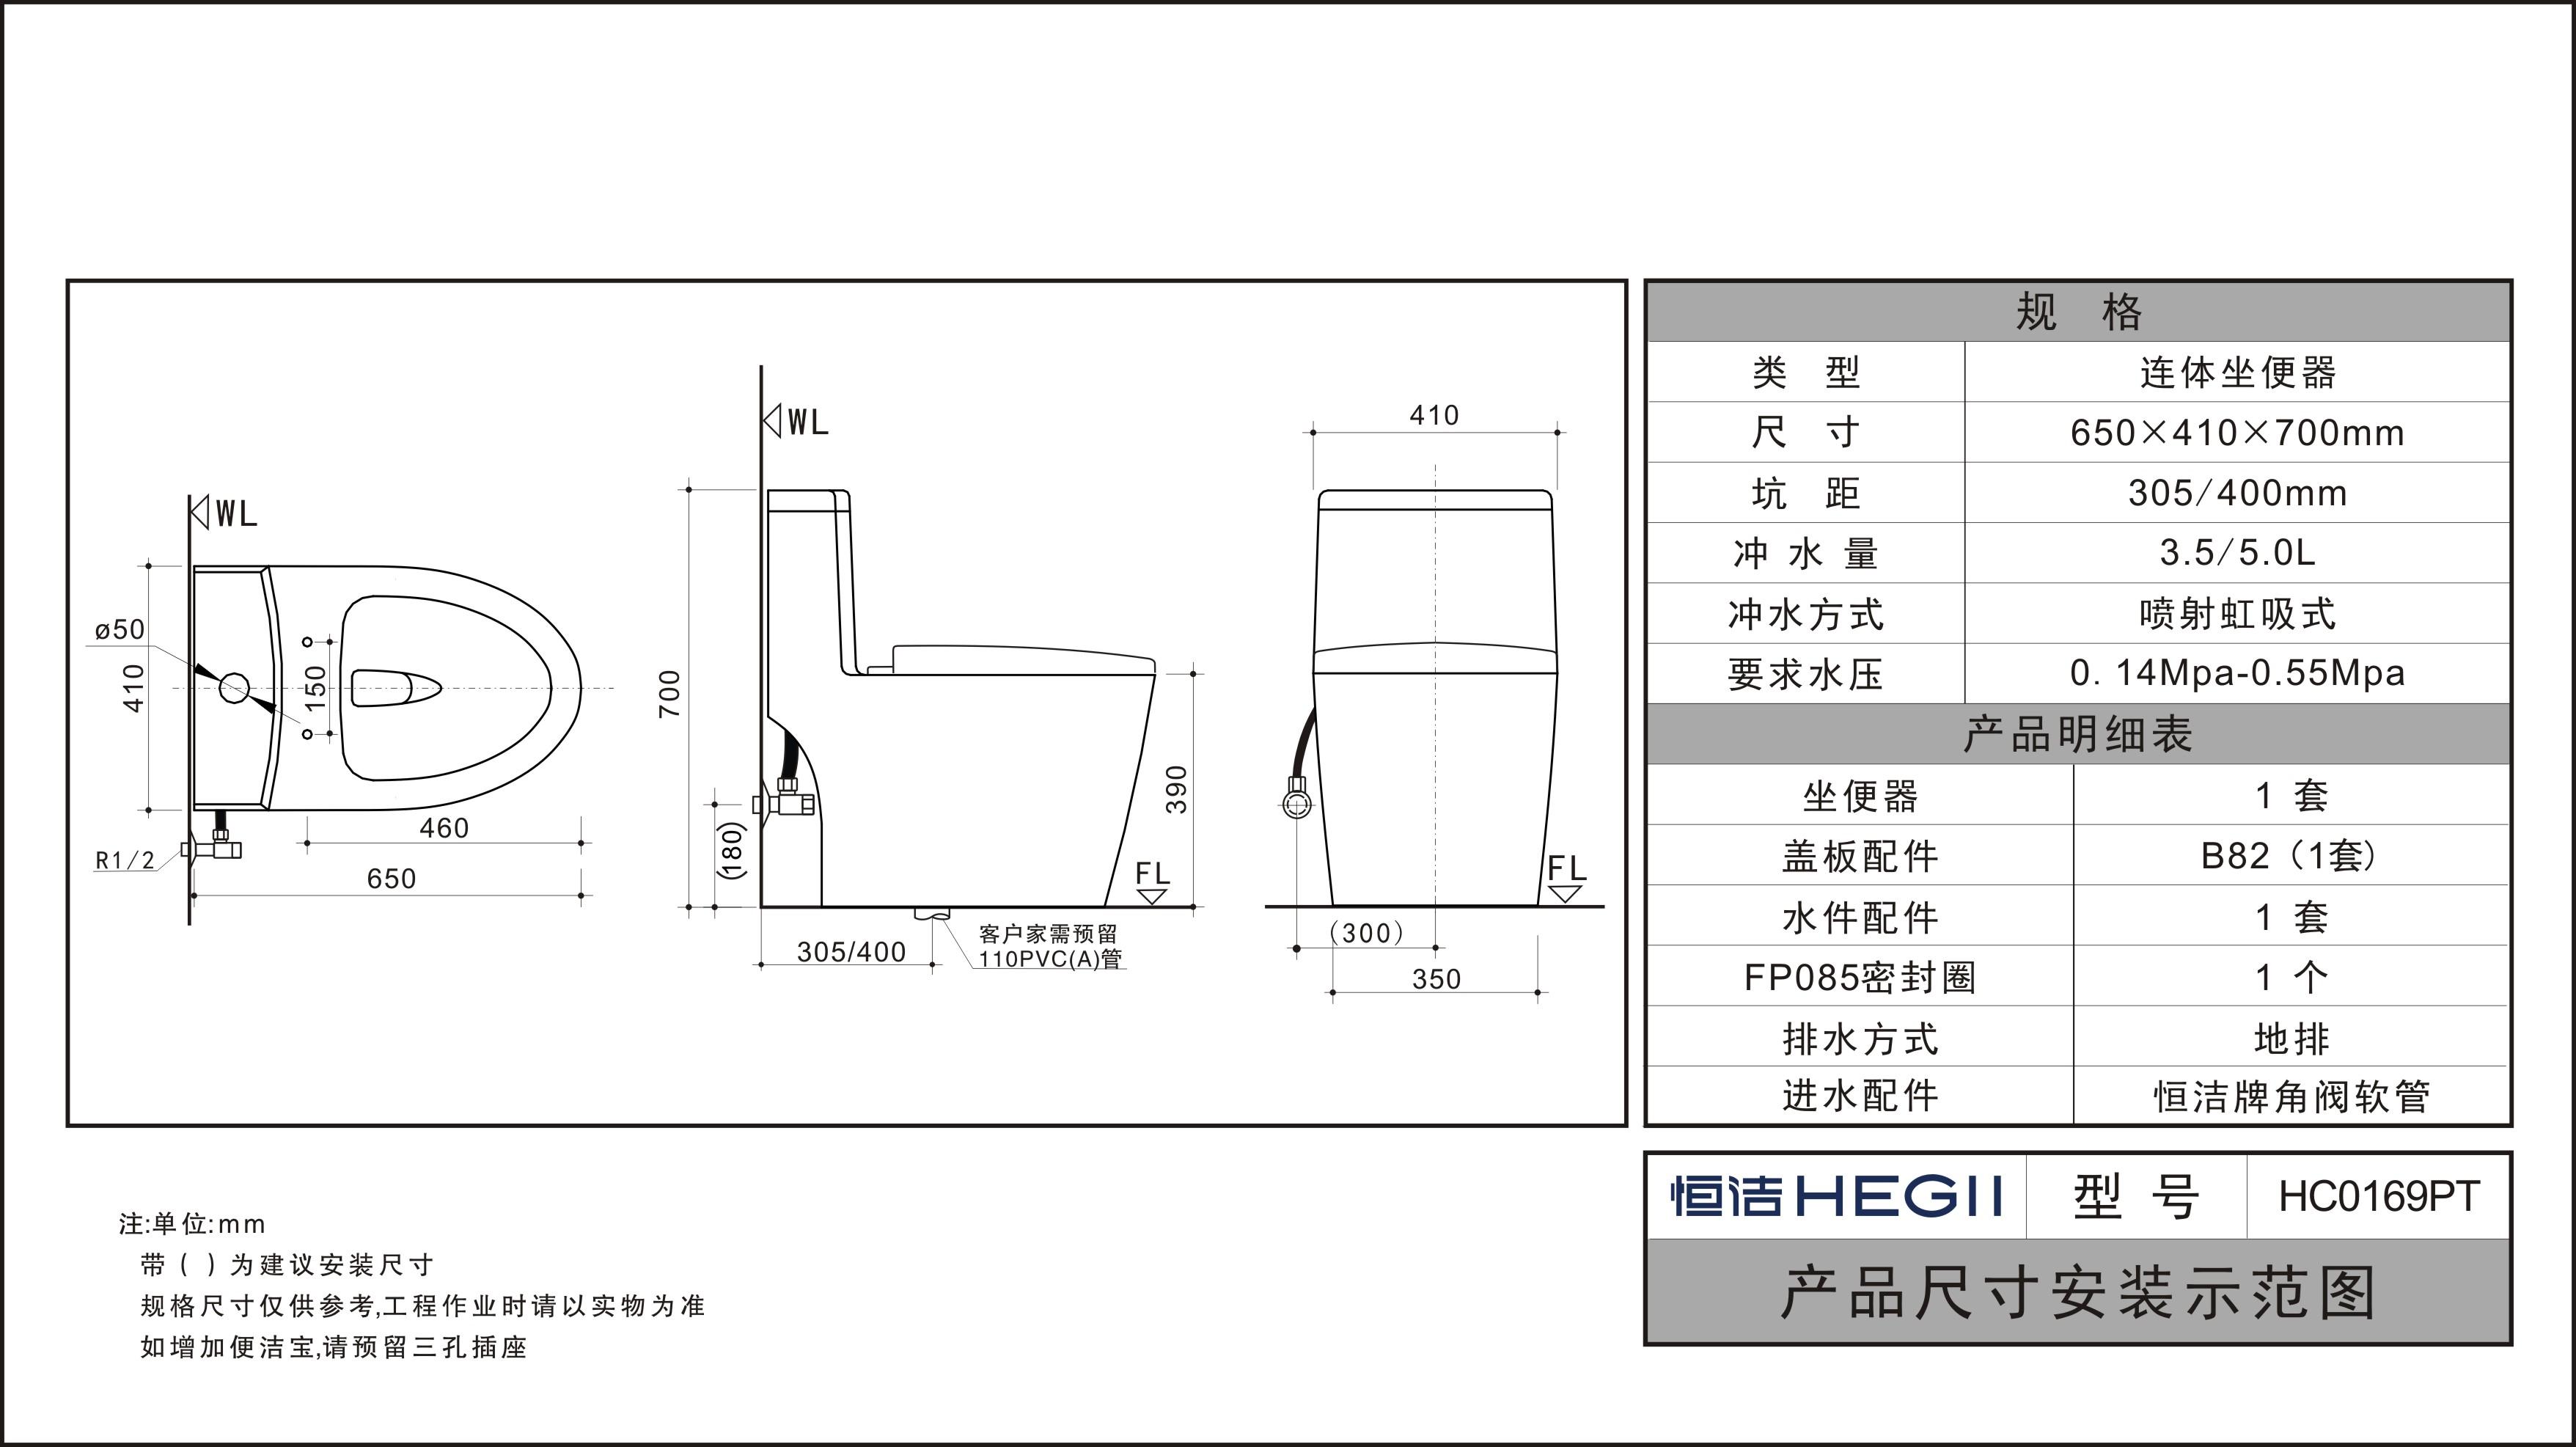 喷射虹吸式坐便器_HC0169PT薄型水箱坐便器-恒洁卫浴